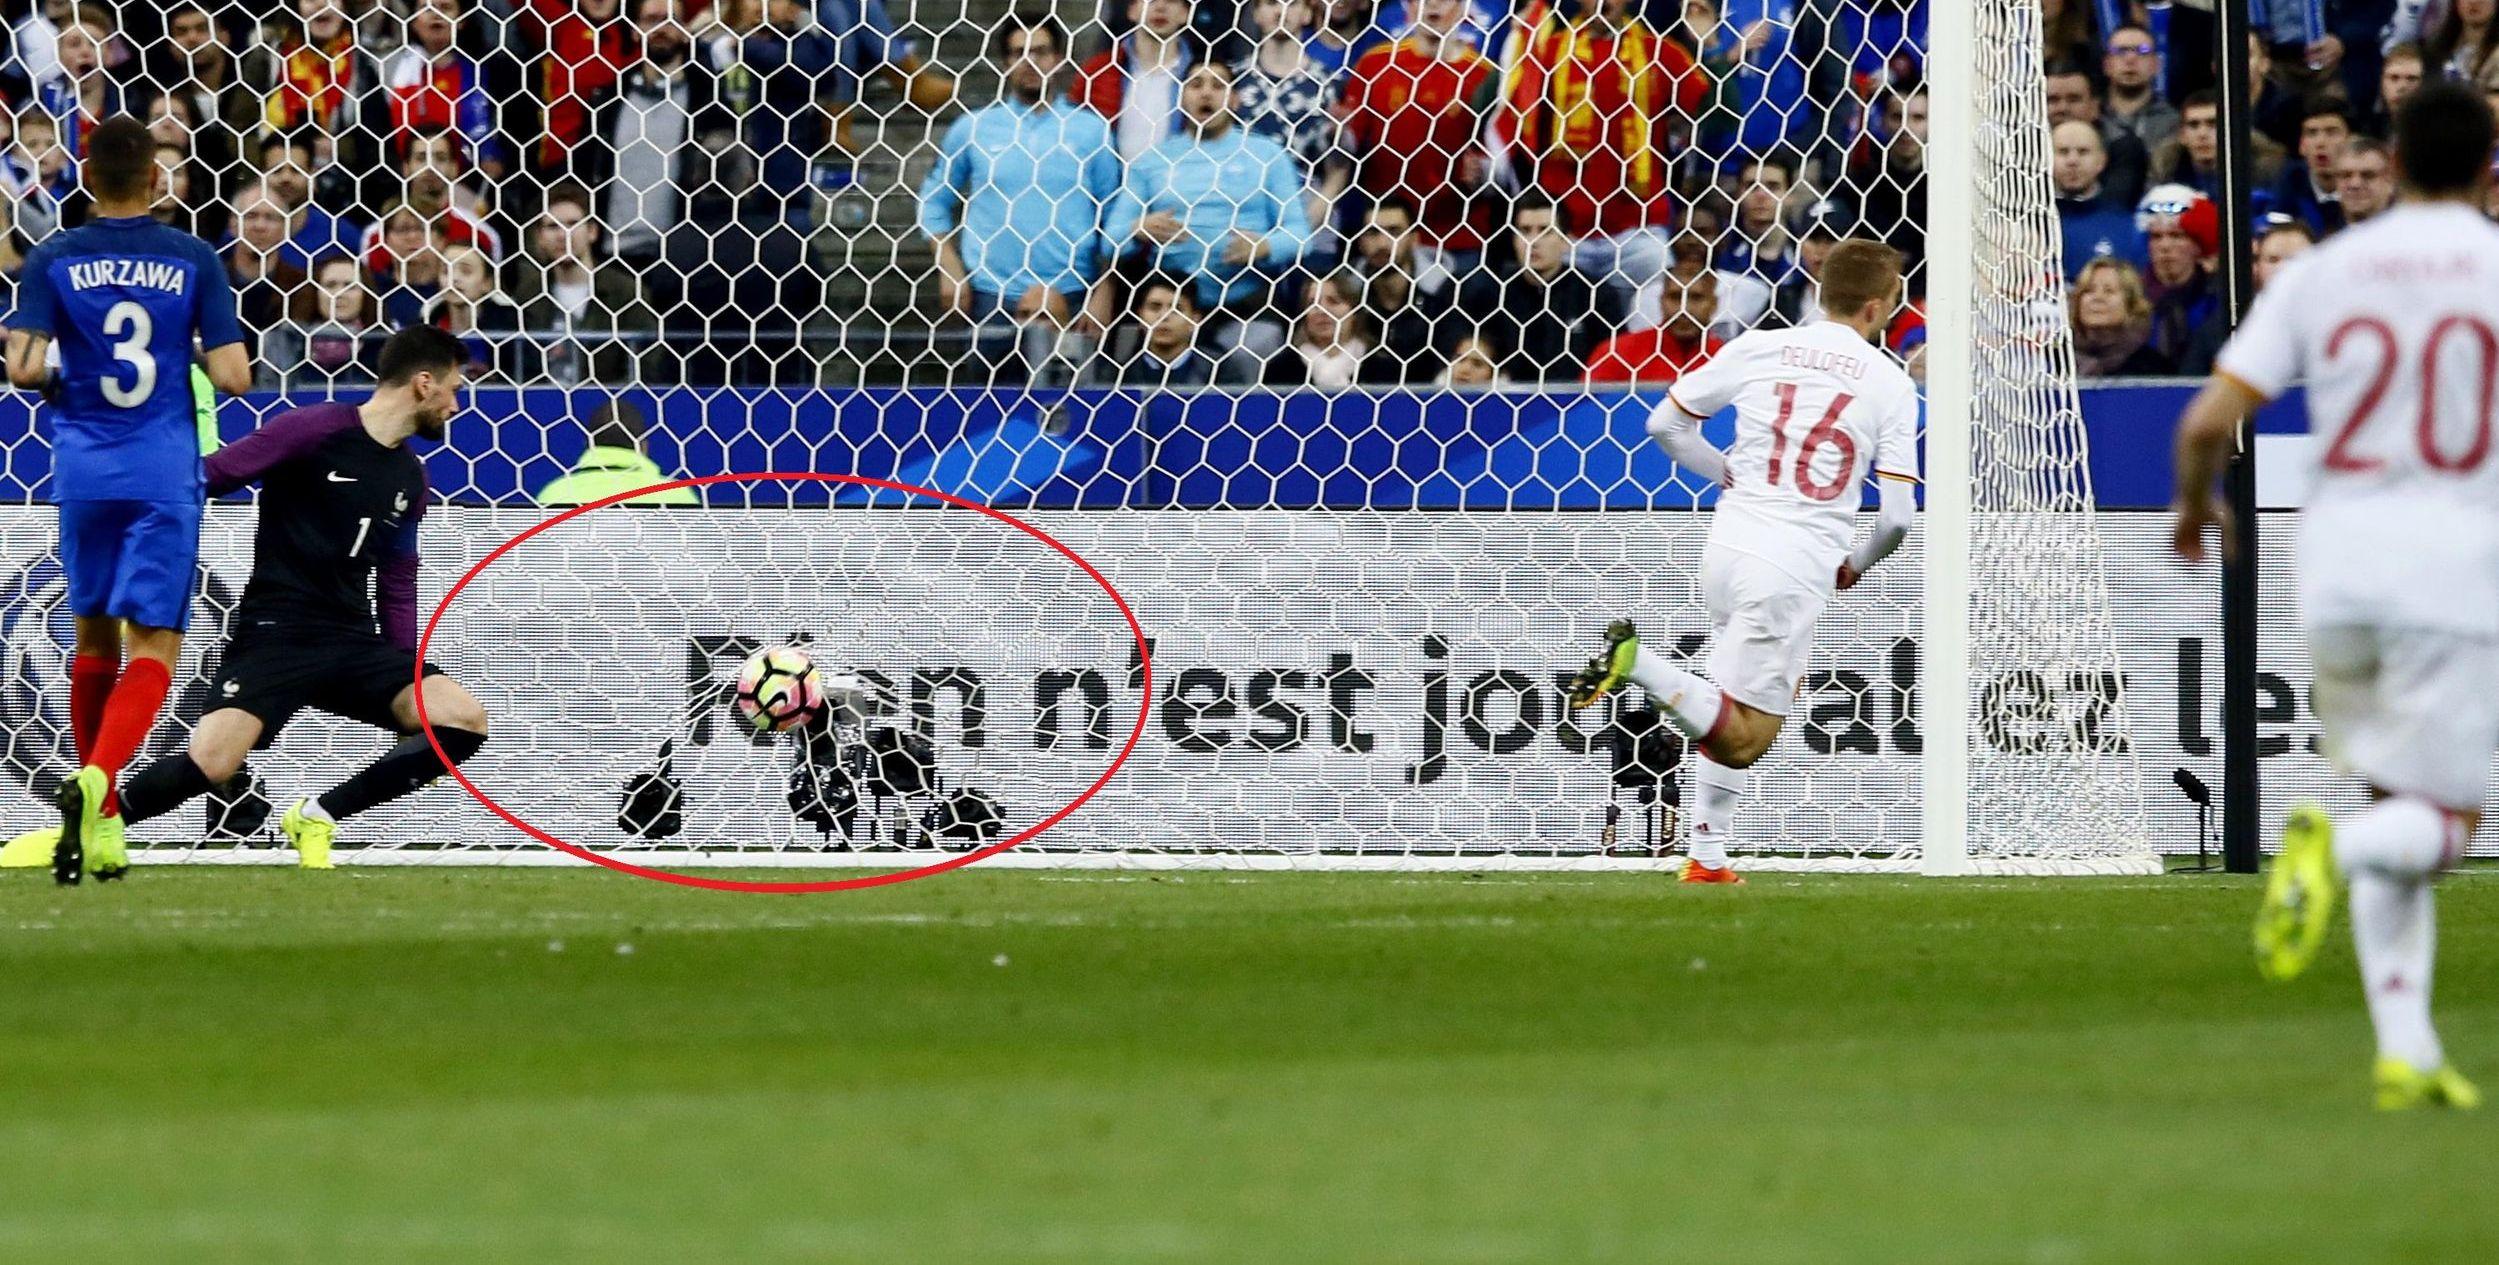 Football - Equipe de France - Penalty de Silva, Deulofeu : les buts de France-Espagne en vidéo